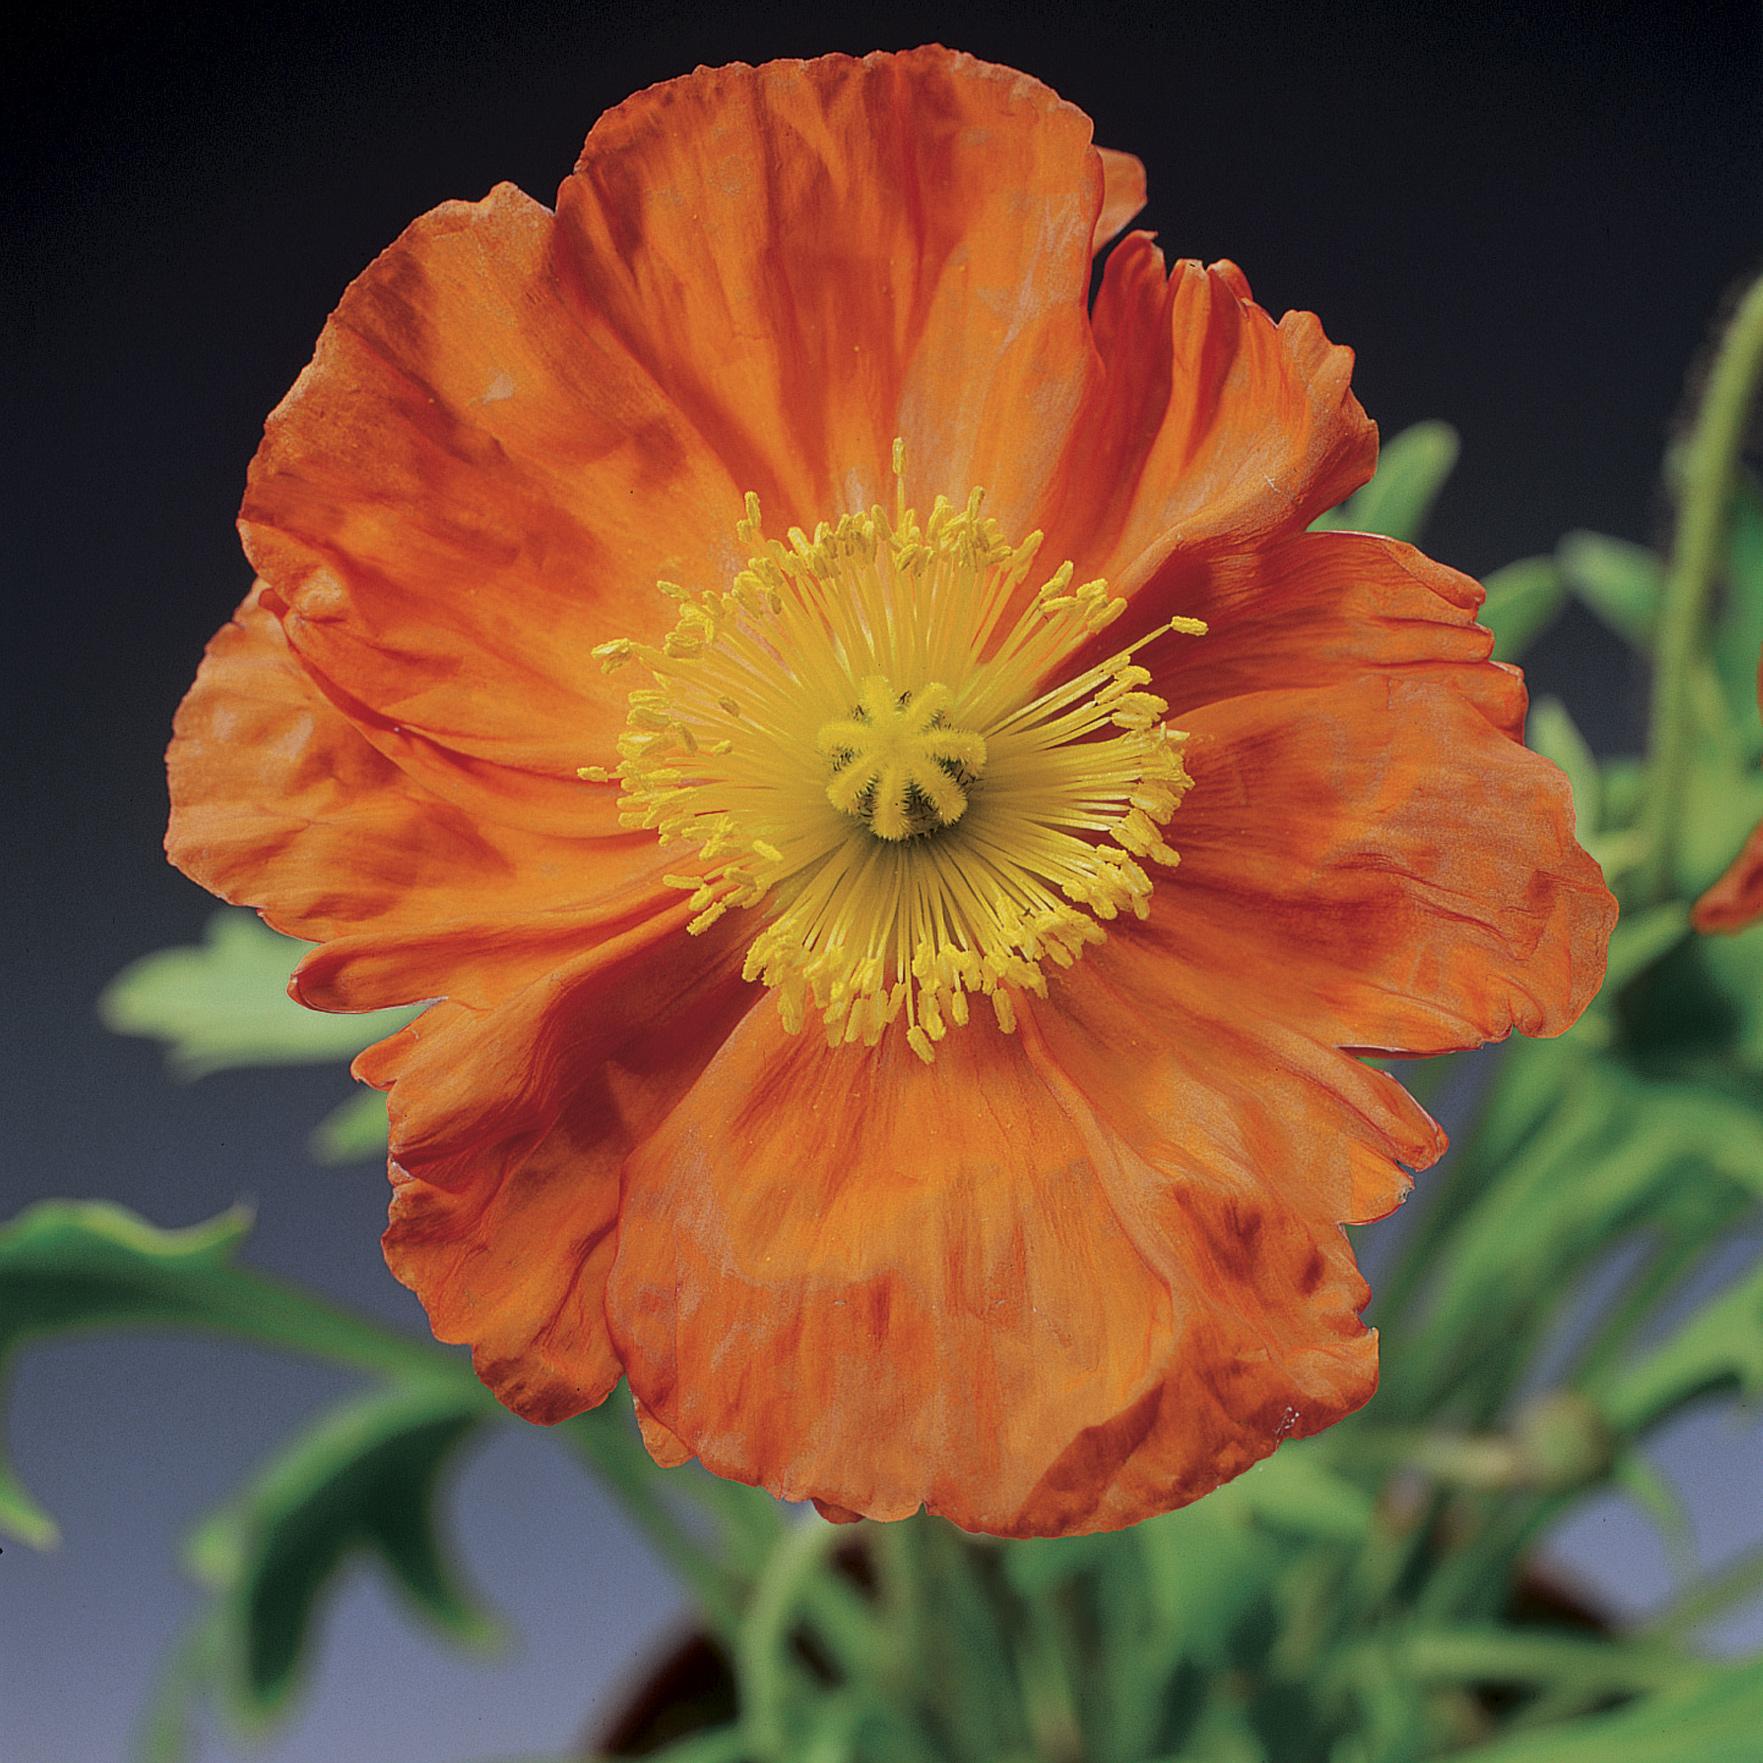 HR_Seed_Papaver_Pulchinella__Pulchinella__Orange_70000834_1.jpg